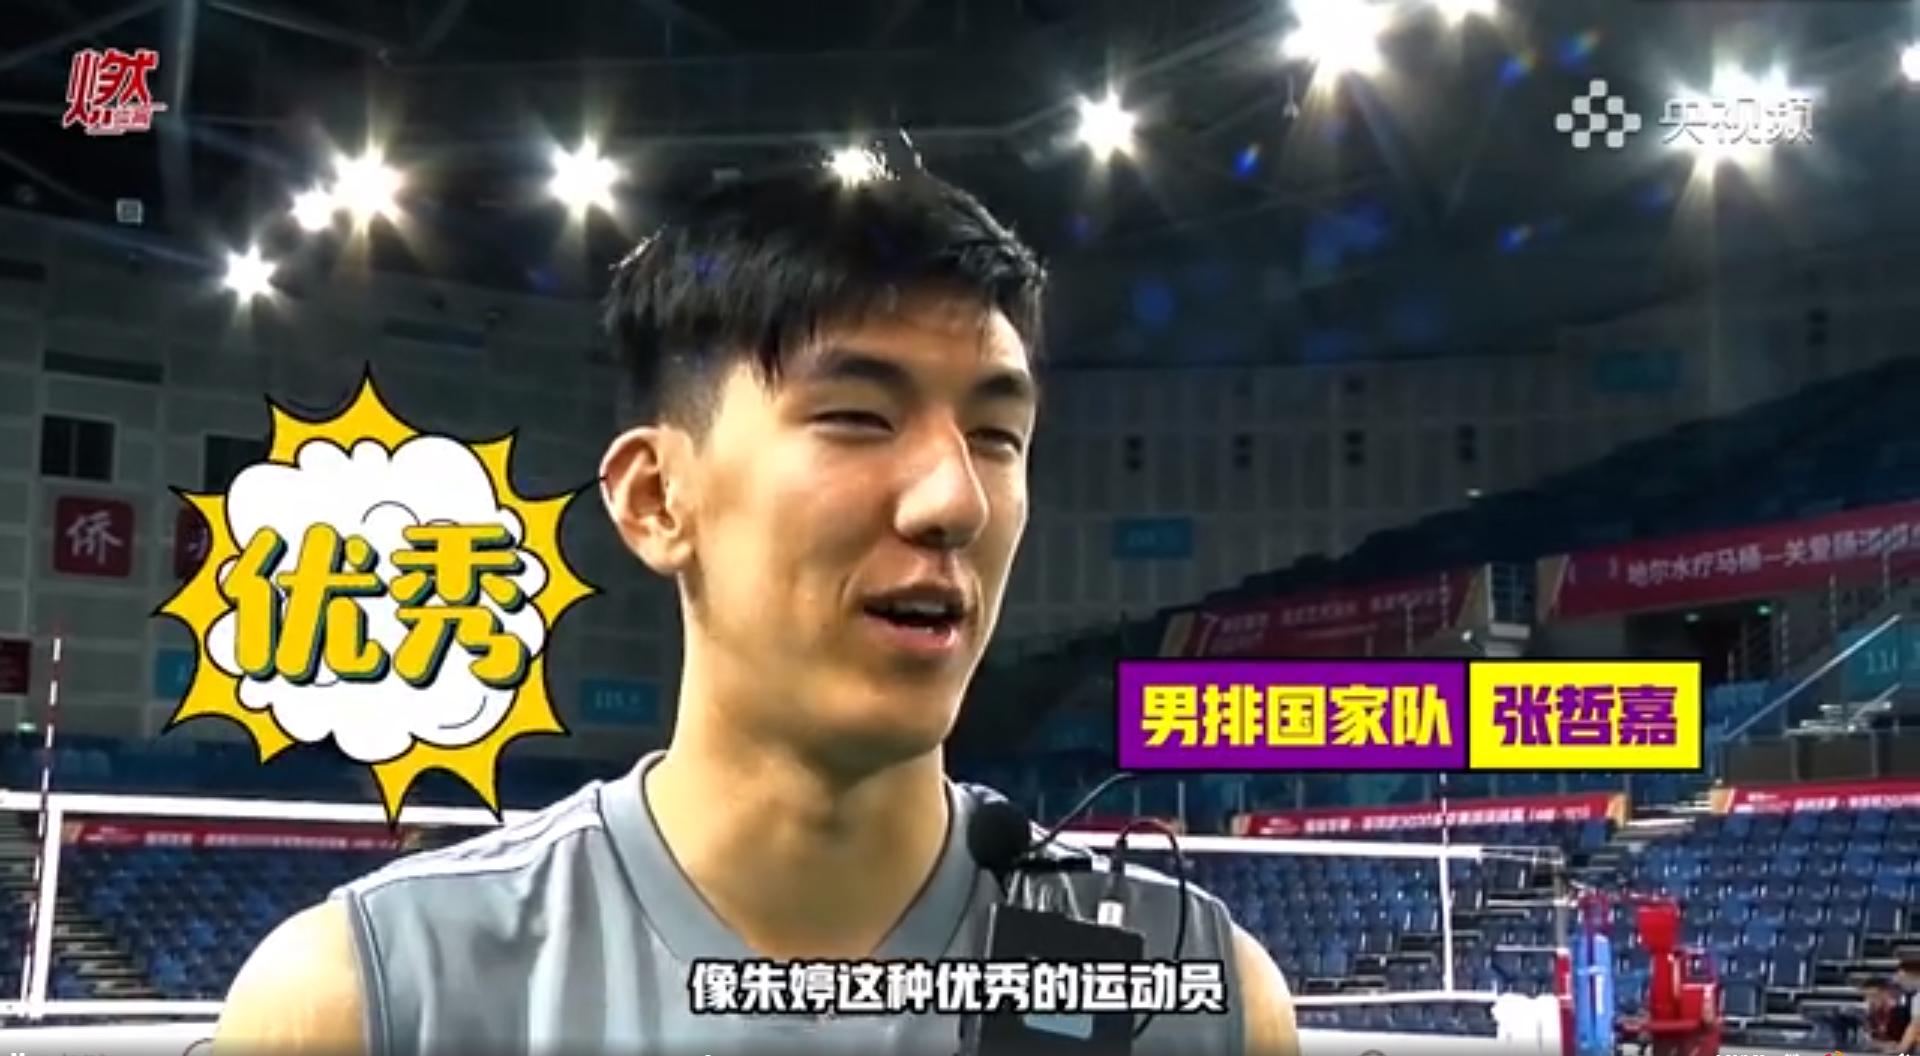 男排国手回应朱婷择偶选择:如果有了孩子,为中国体育事业做贡献